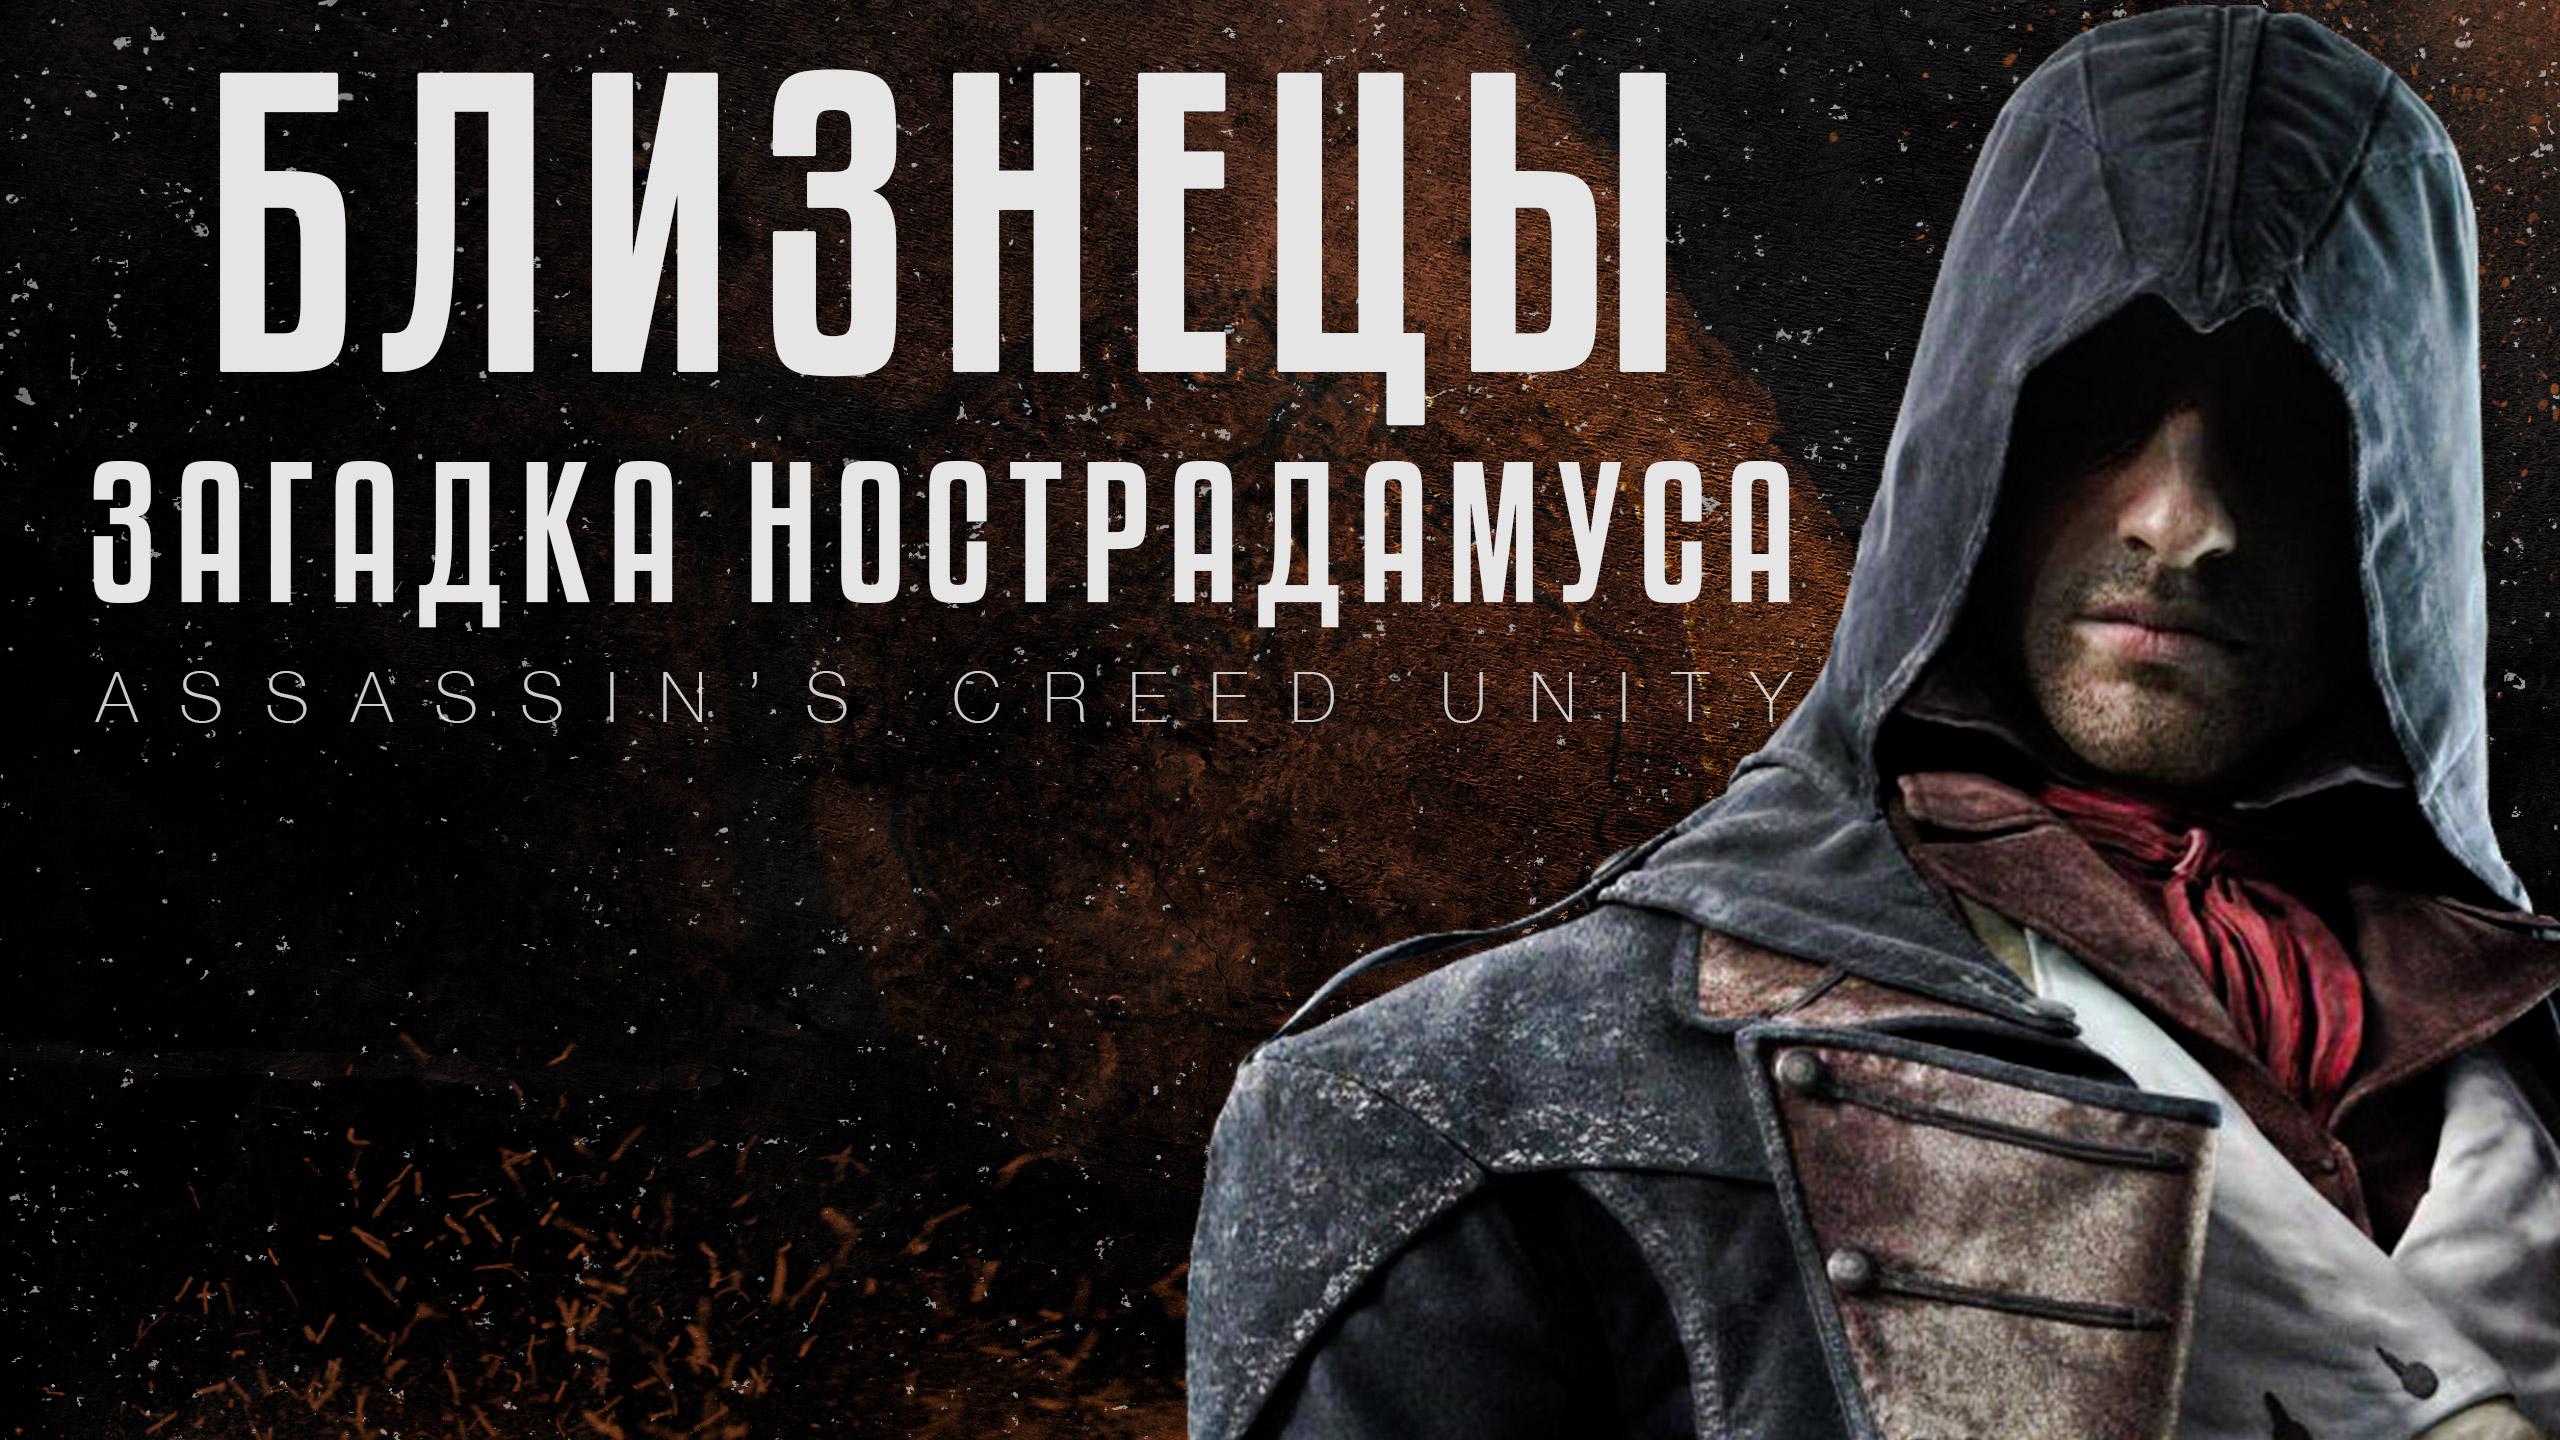 Нострадамус в игре Assassin's Creed Unity (Близнецы)